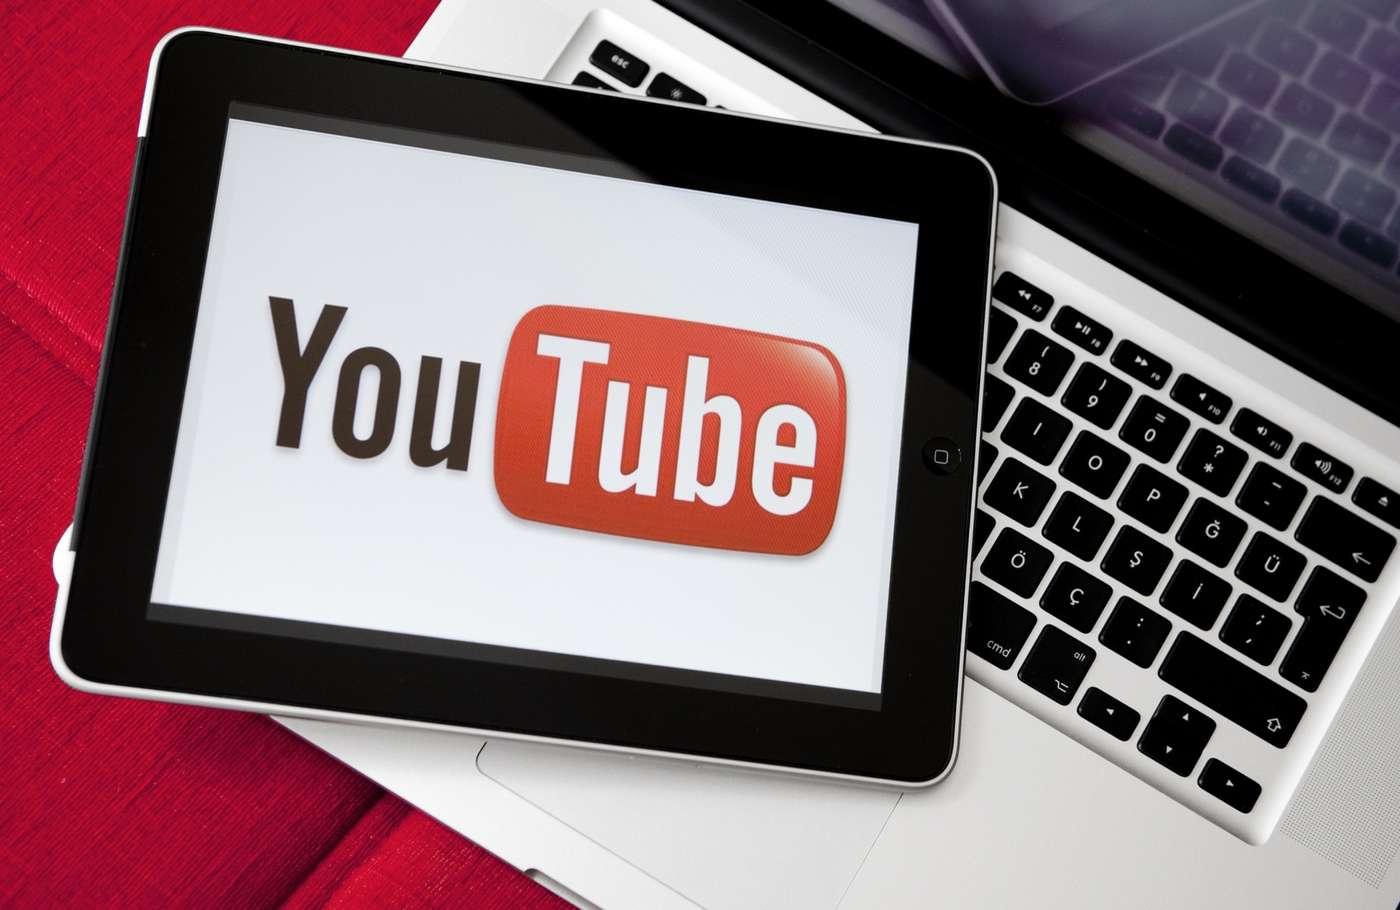 Un milliard de vidéos sont visionnées chaque jour sur YouTube. © ozgurdonmaz / IStock.com